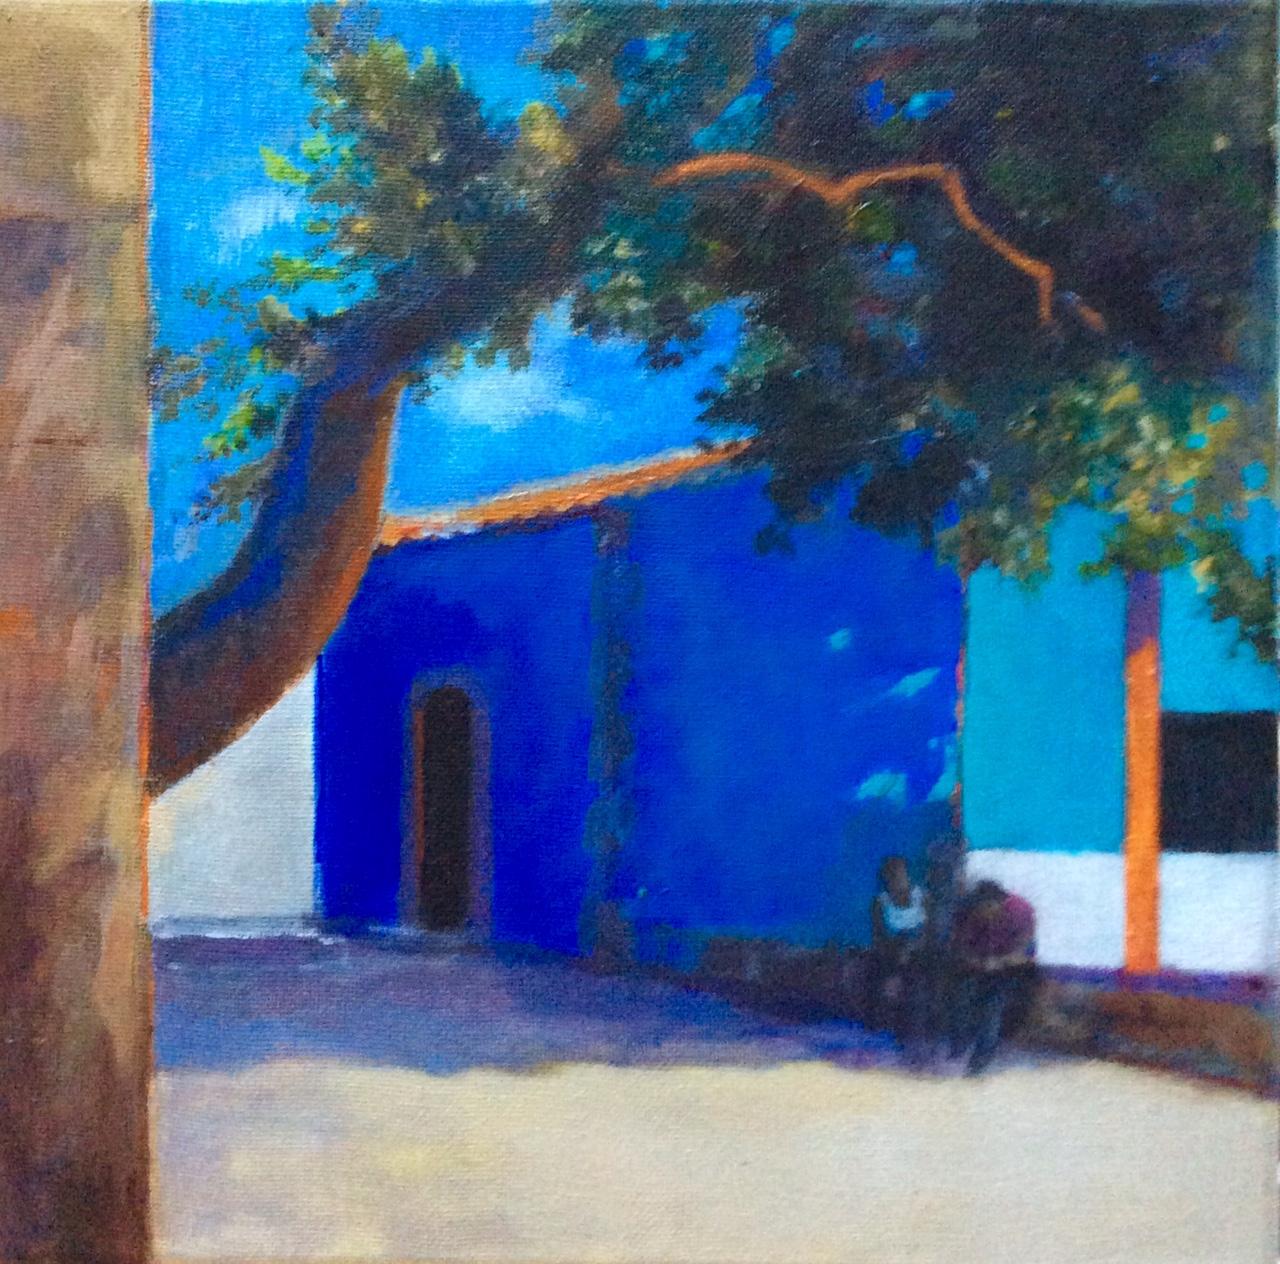 Marzamemi, Sicily - acrylic on canvas